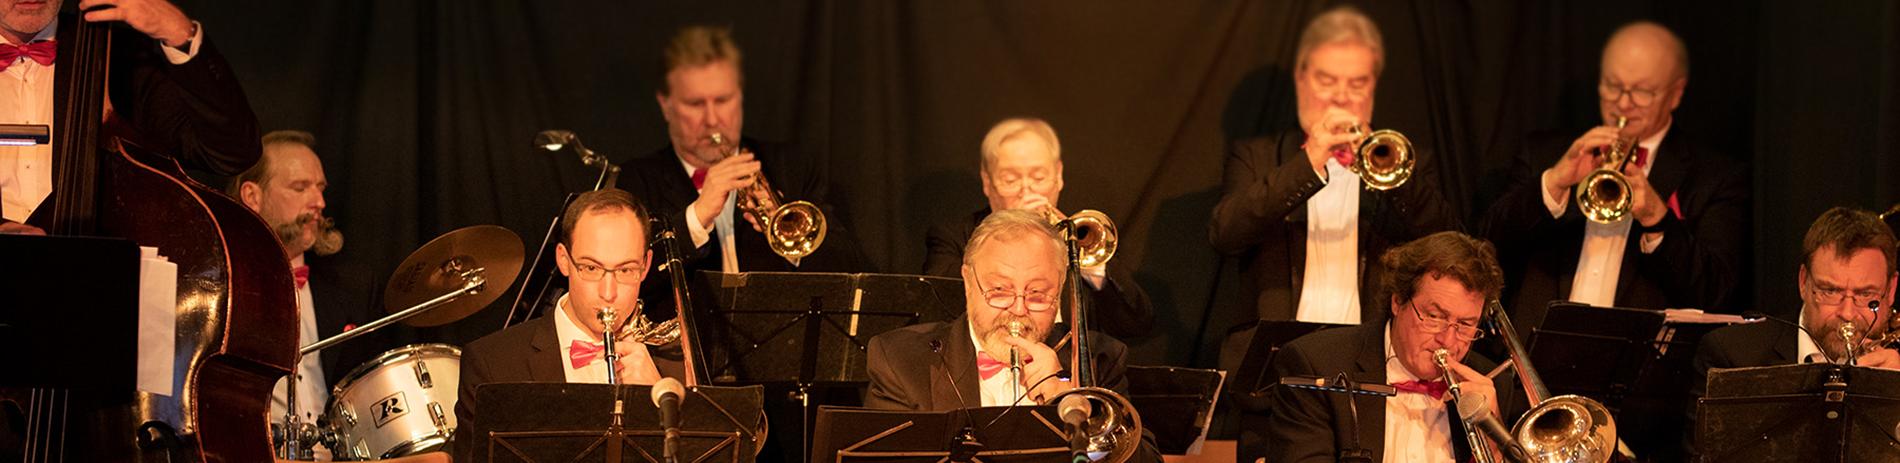 Munich-Swing-Orchestra